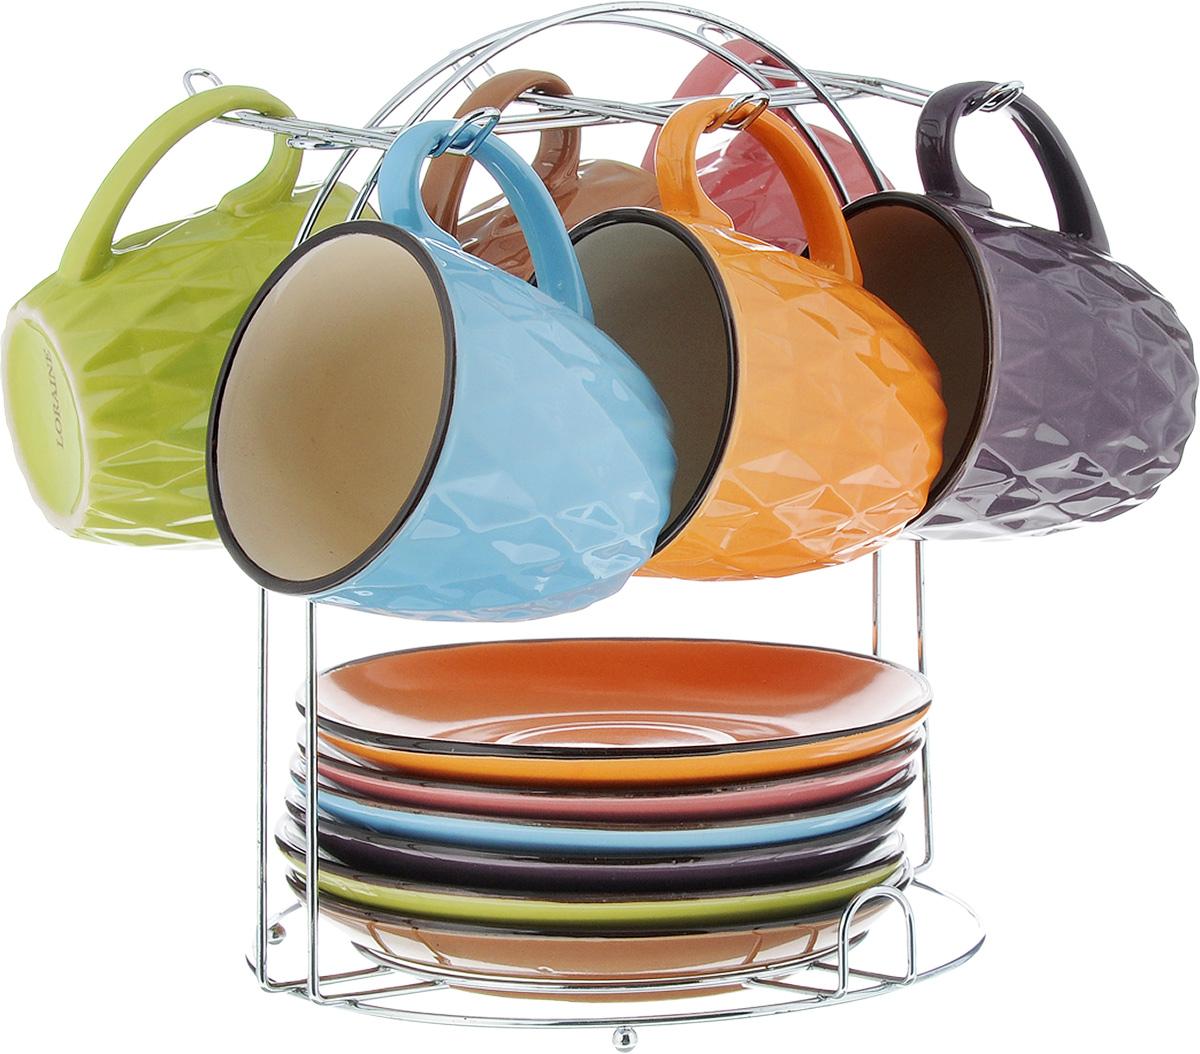 Набор чайный Loraine, на подставке, 13 предметов. 2464921395599Набор Loraine состоит из 6 чашек и 6 блюдец, изготовленных из высококачественной керамики разных цветов. Набор удобно располагается на металлической подставке. Изящный дизайн придется по вкусу и ценителям классики, и тем, кто предпочитает утонченность и изысканность. Он настроит на позитивный лад и подарит хорошее настроение с самого утра. Можно использовать в микроволновой печи и мыть в посудомоечной машине. Диаметр чашки (по верхнему краю): 7,5 см. Высота чашки: 7,5 см. Объем чашки: 220 мл. Диаметр блюдца: 14,5см. Высота блюдца: 2 см. Размер подставки: 19 х 19 х 22 см.